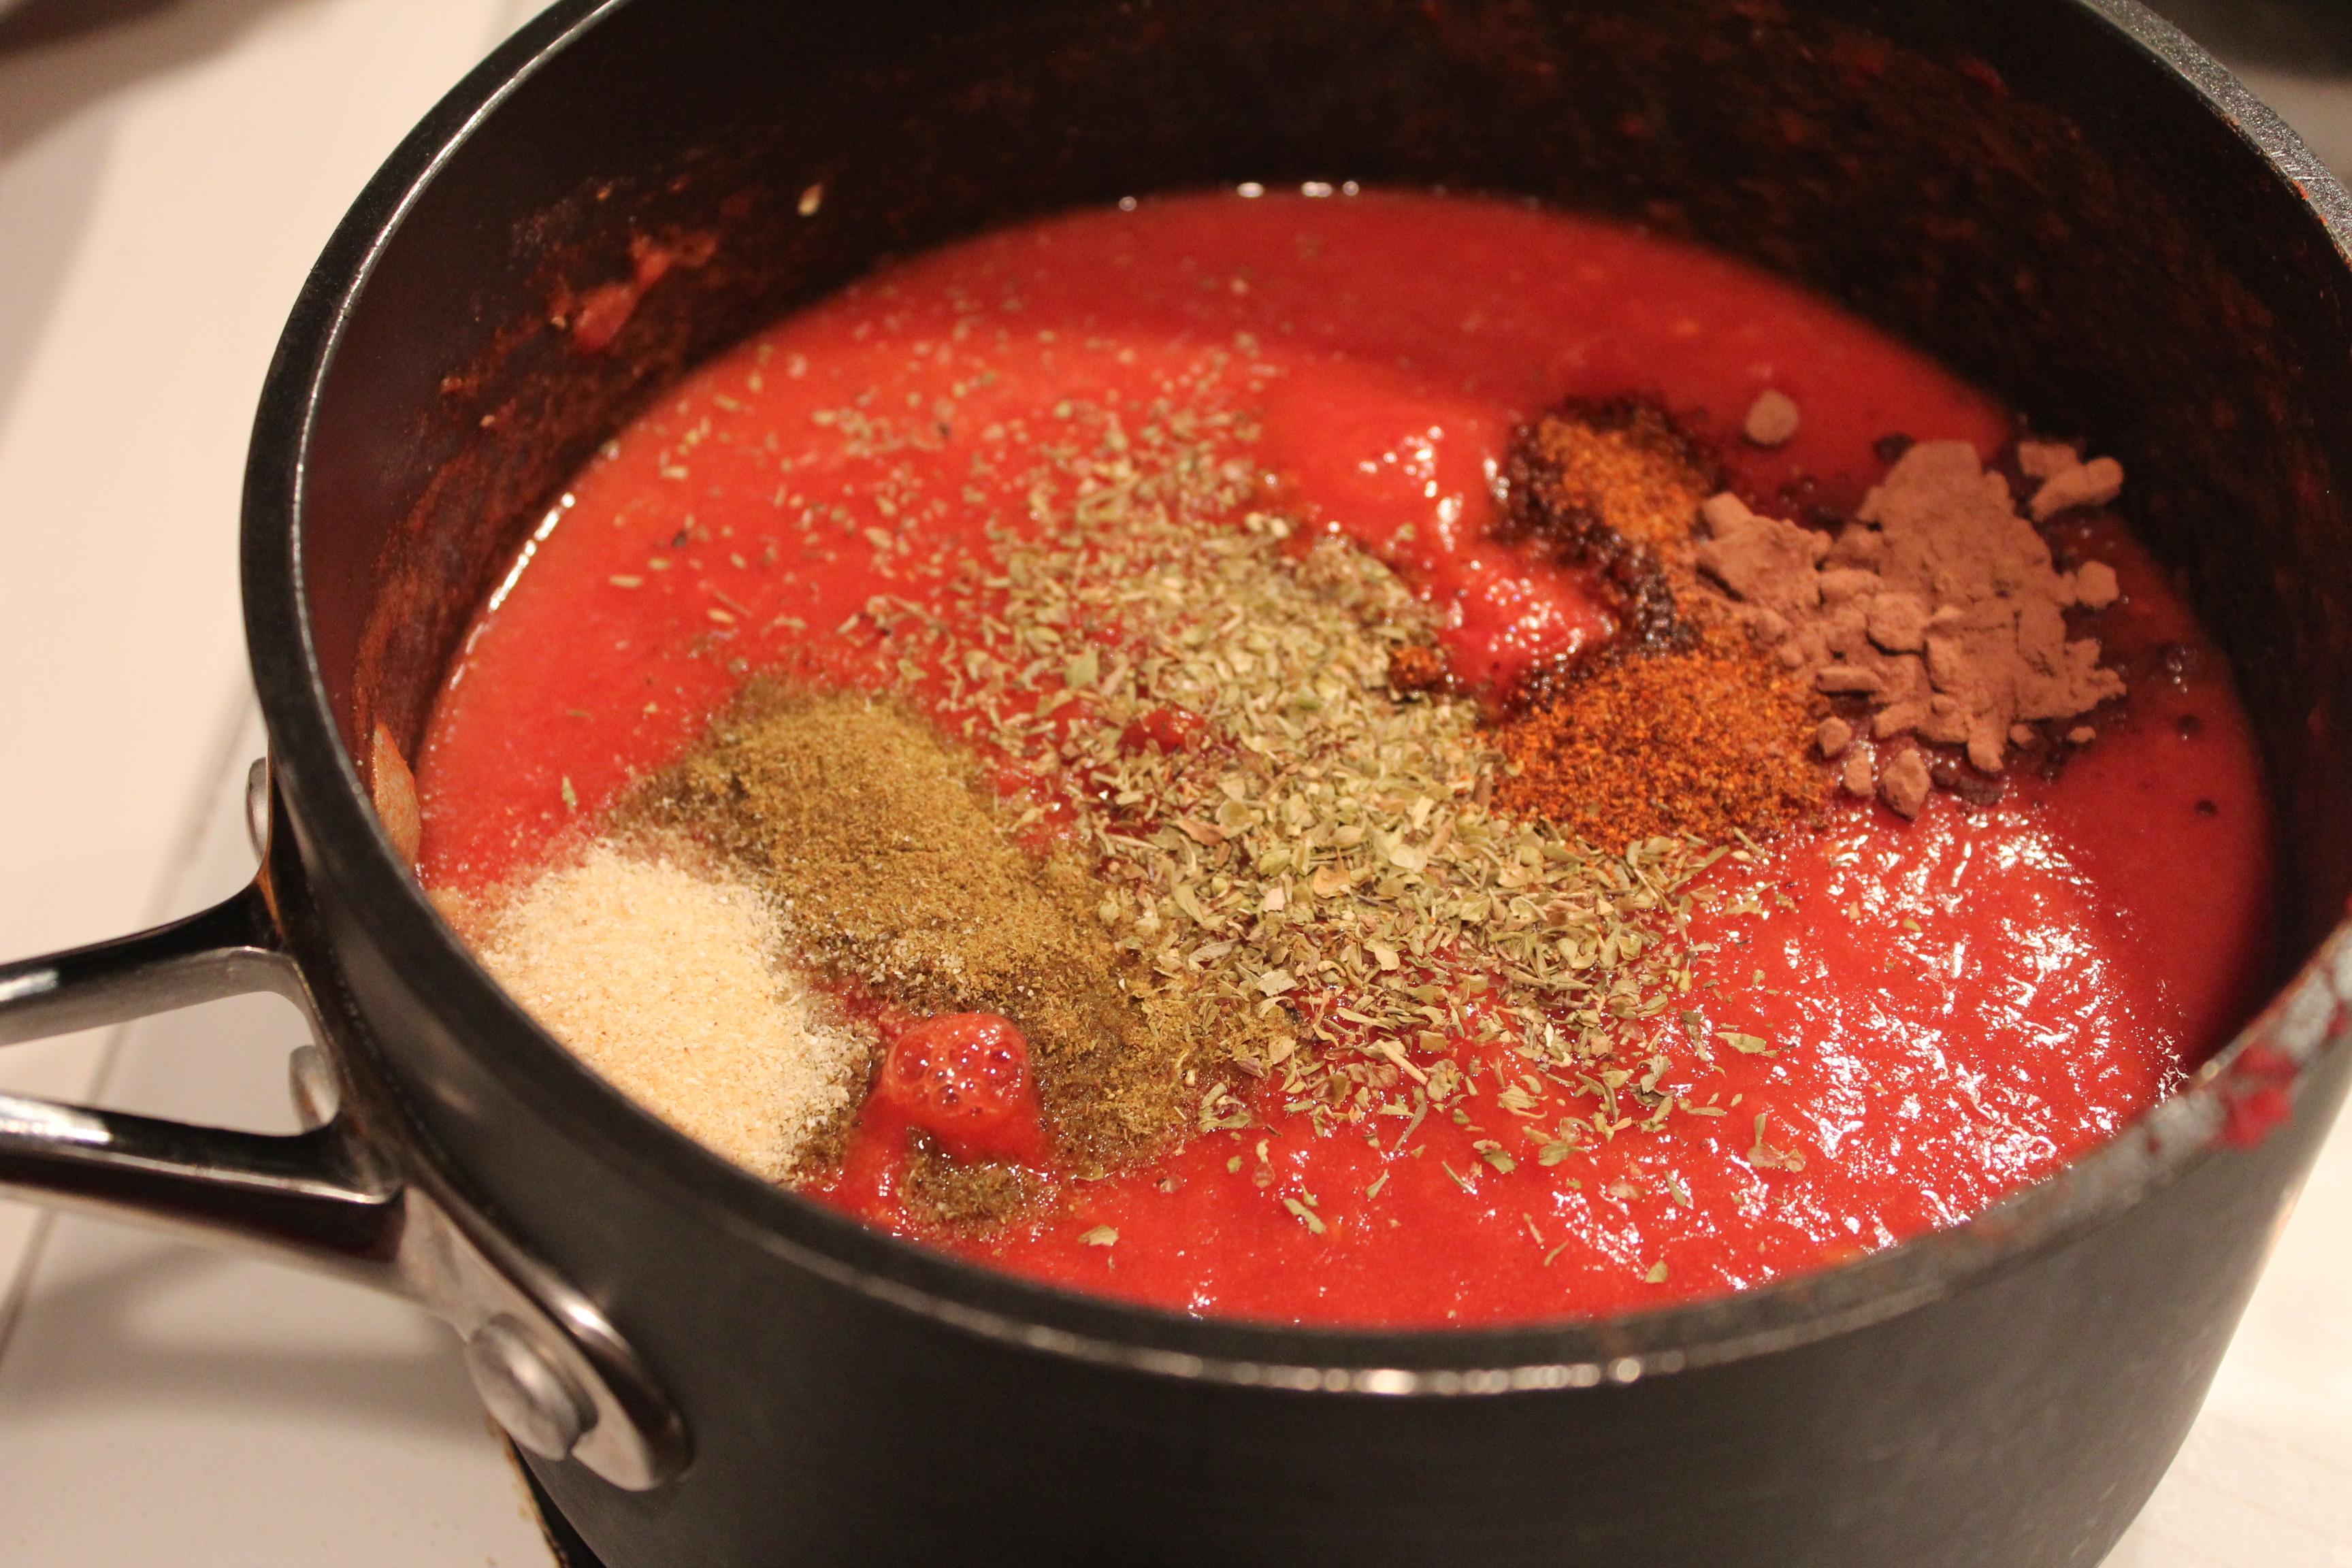 gluten free red enchiladas, gluten free beef enchiladas, gluten free corn enchiladas, gluten free red enchilada sauce, gluten free enchilada sauce